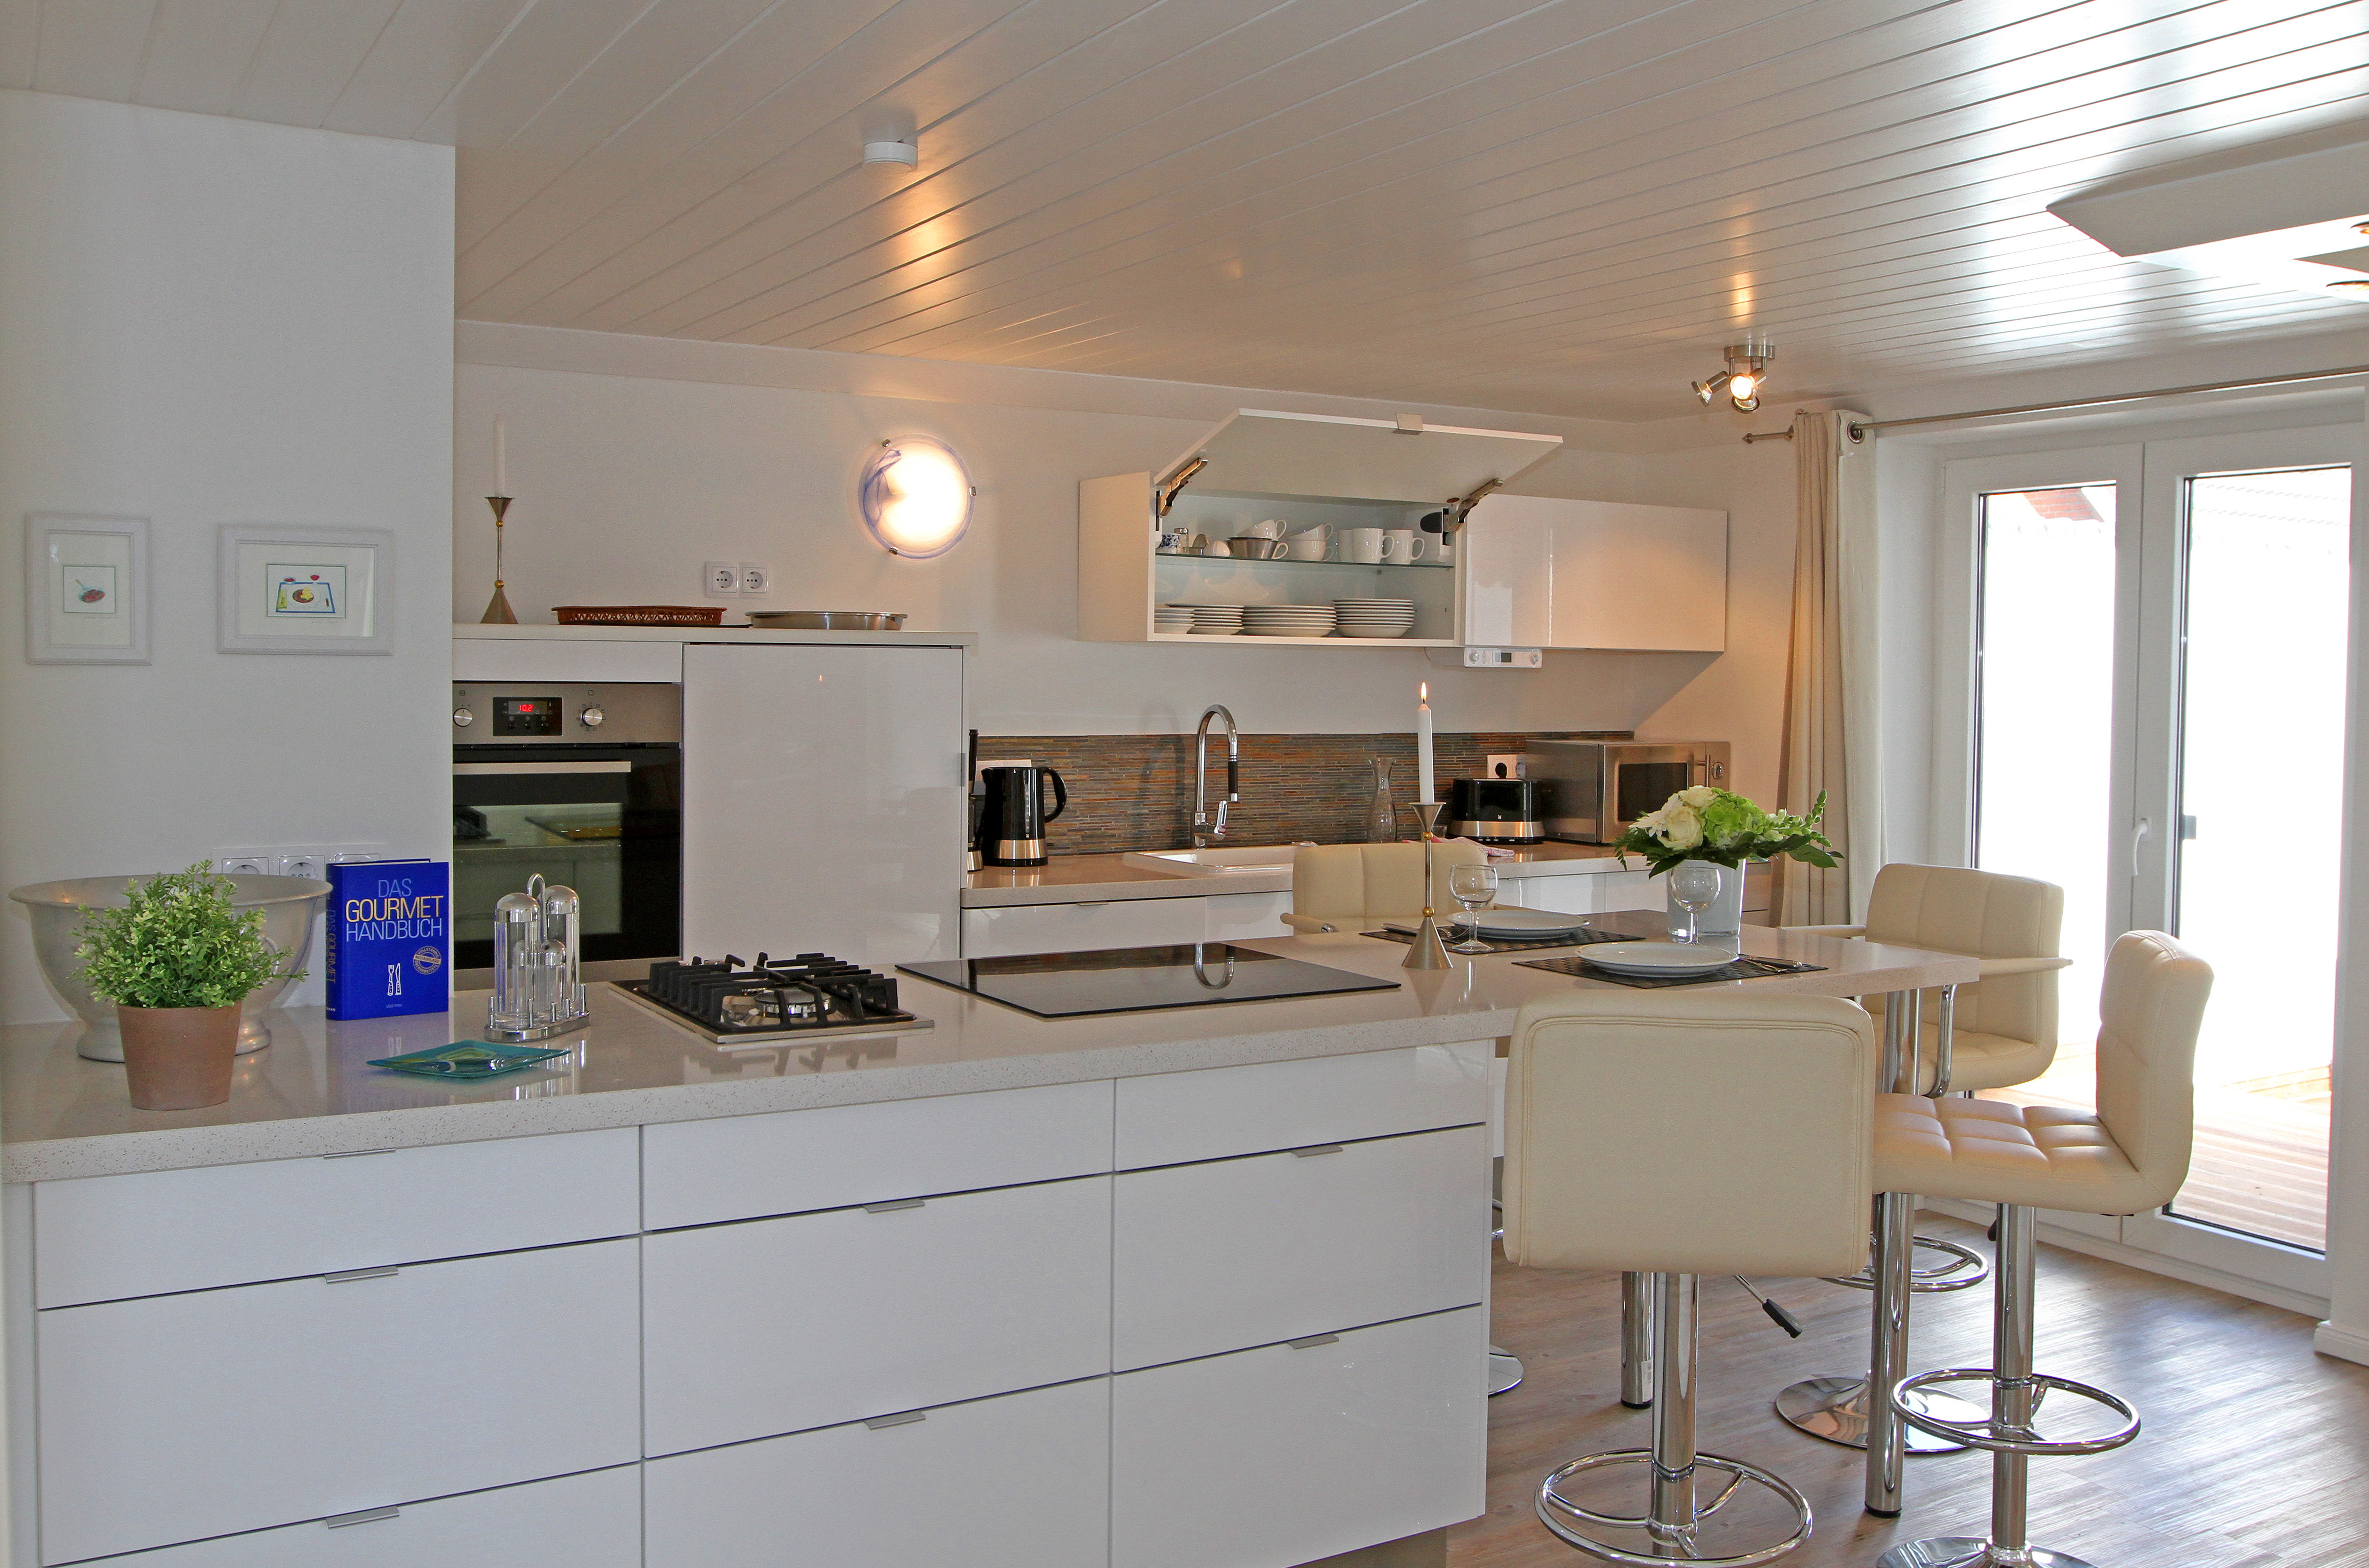 ferienwohnung ferienwohnung luxus sylt 4 personen. Black Bedroom Furniture Sets. Home Design Ideas